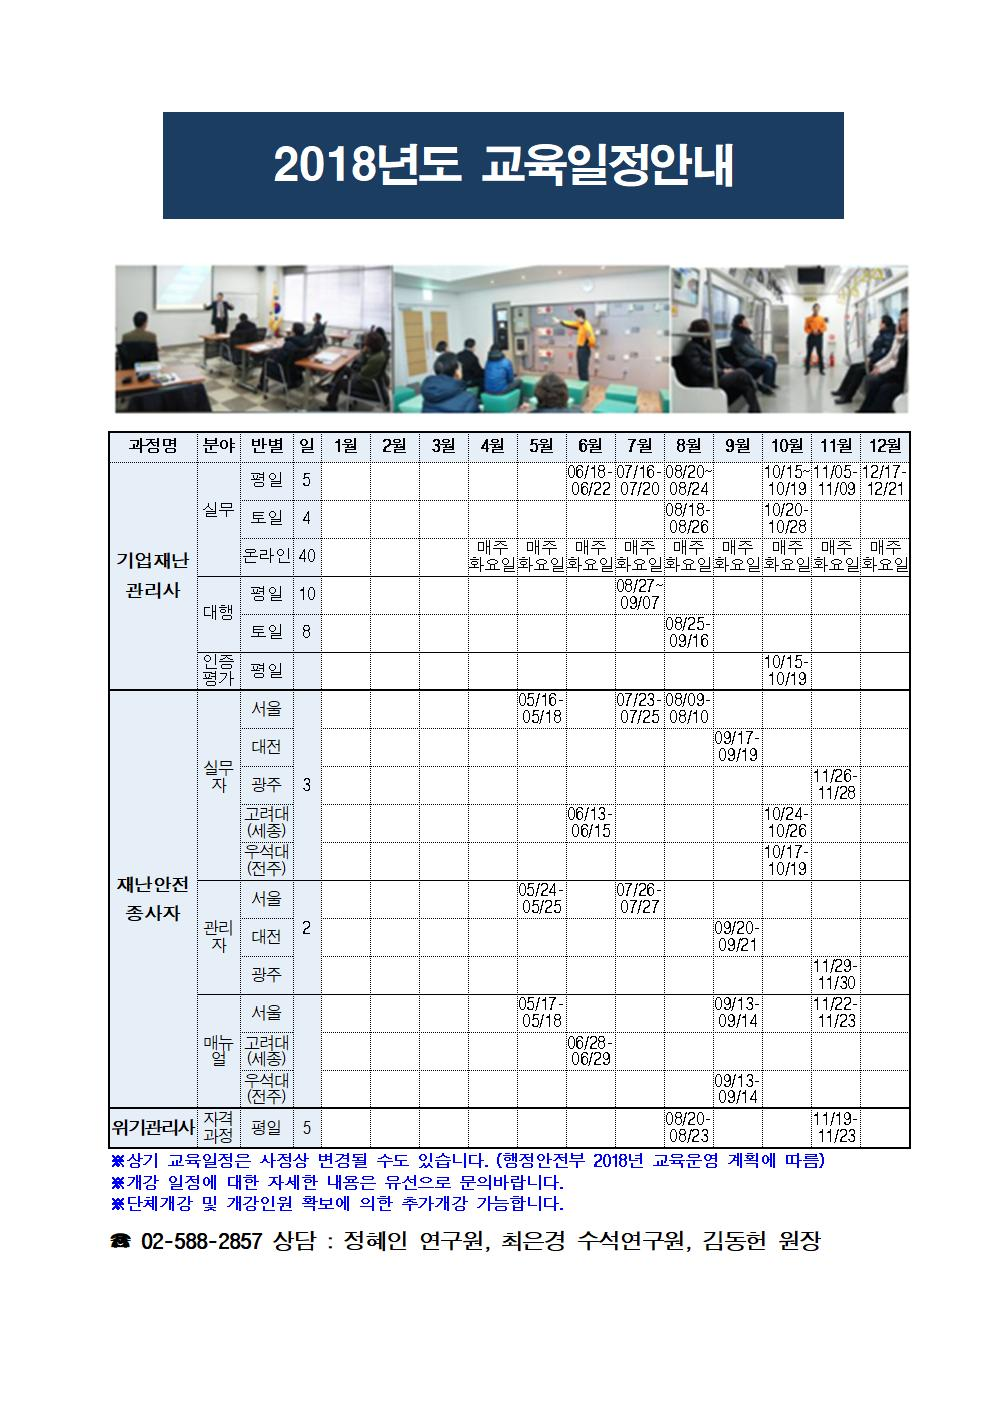 2018년 재난안전원 교육일정001.jpg